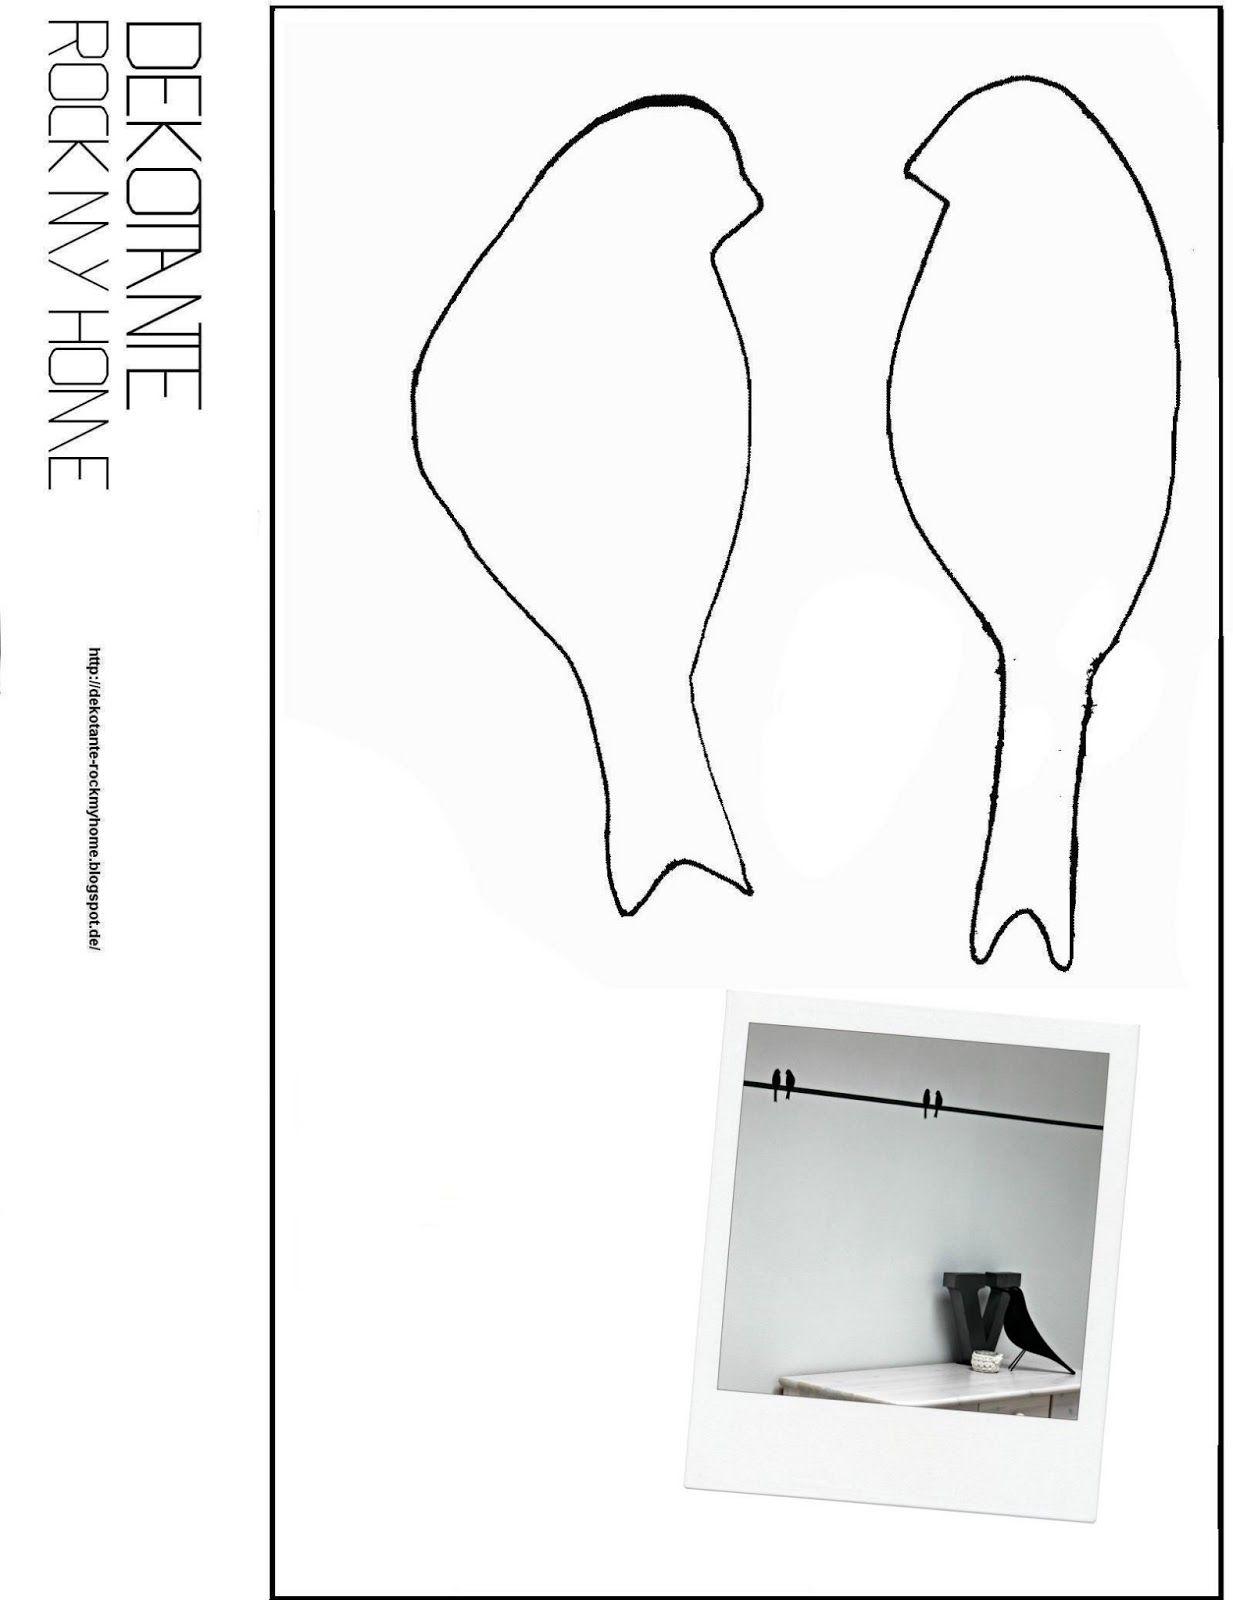 dekotante rockmyhome vorlage v gel fr hling v gel pinterest bird silhouettes and free. Black Bedroom Furniture Sets. Home Design Ideas